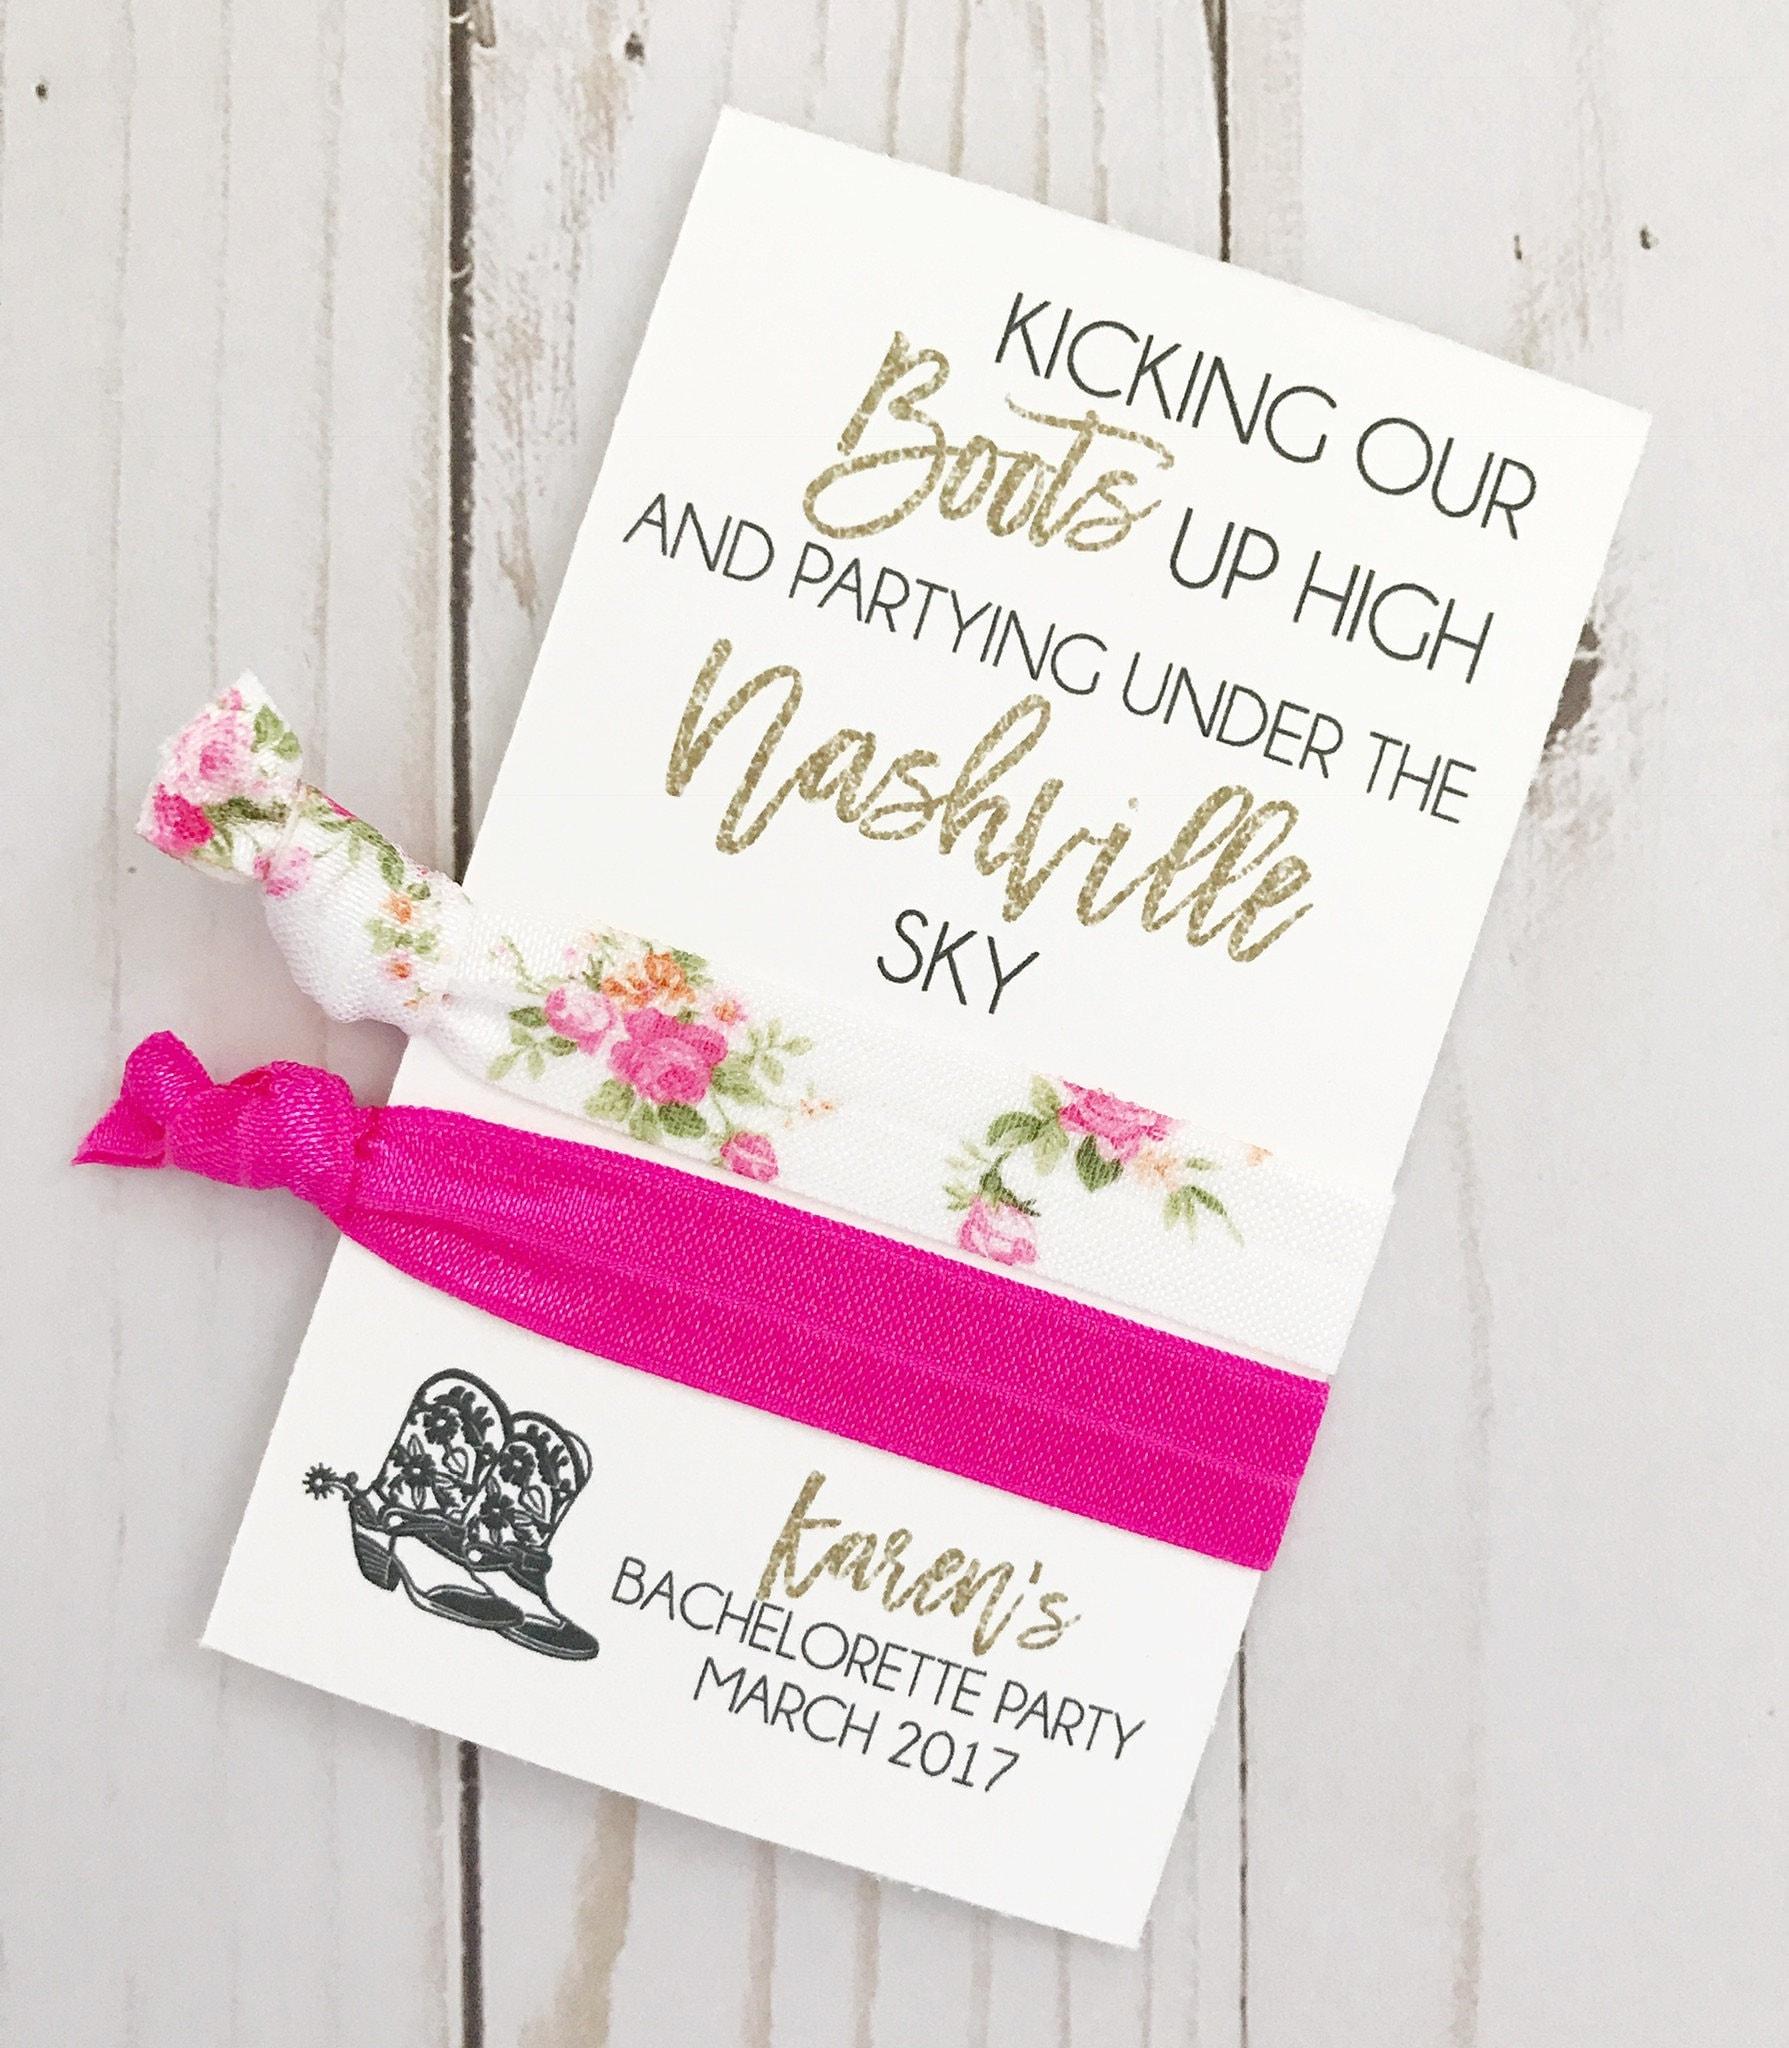 Nashville Bachelorette Bachelorette Party Favors Bridal